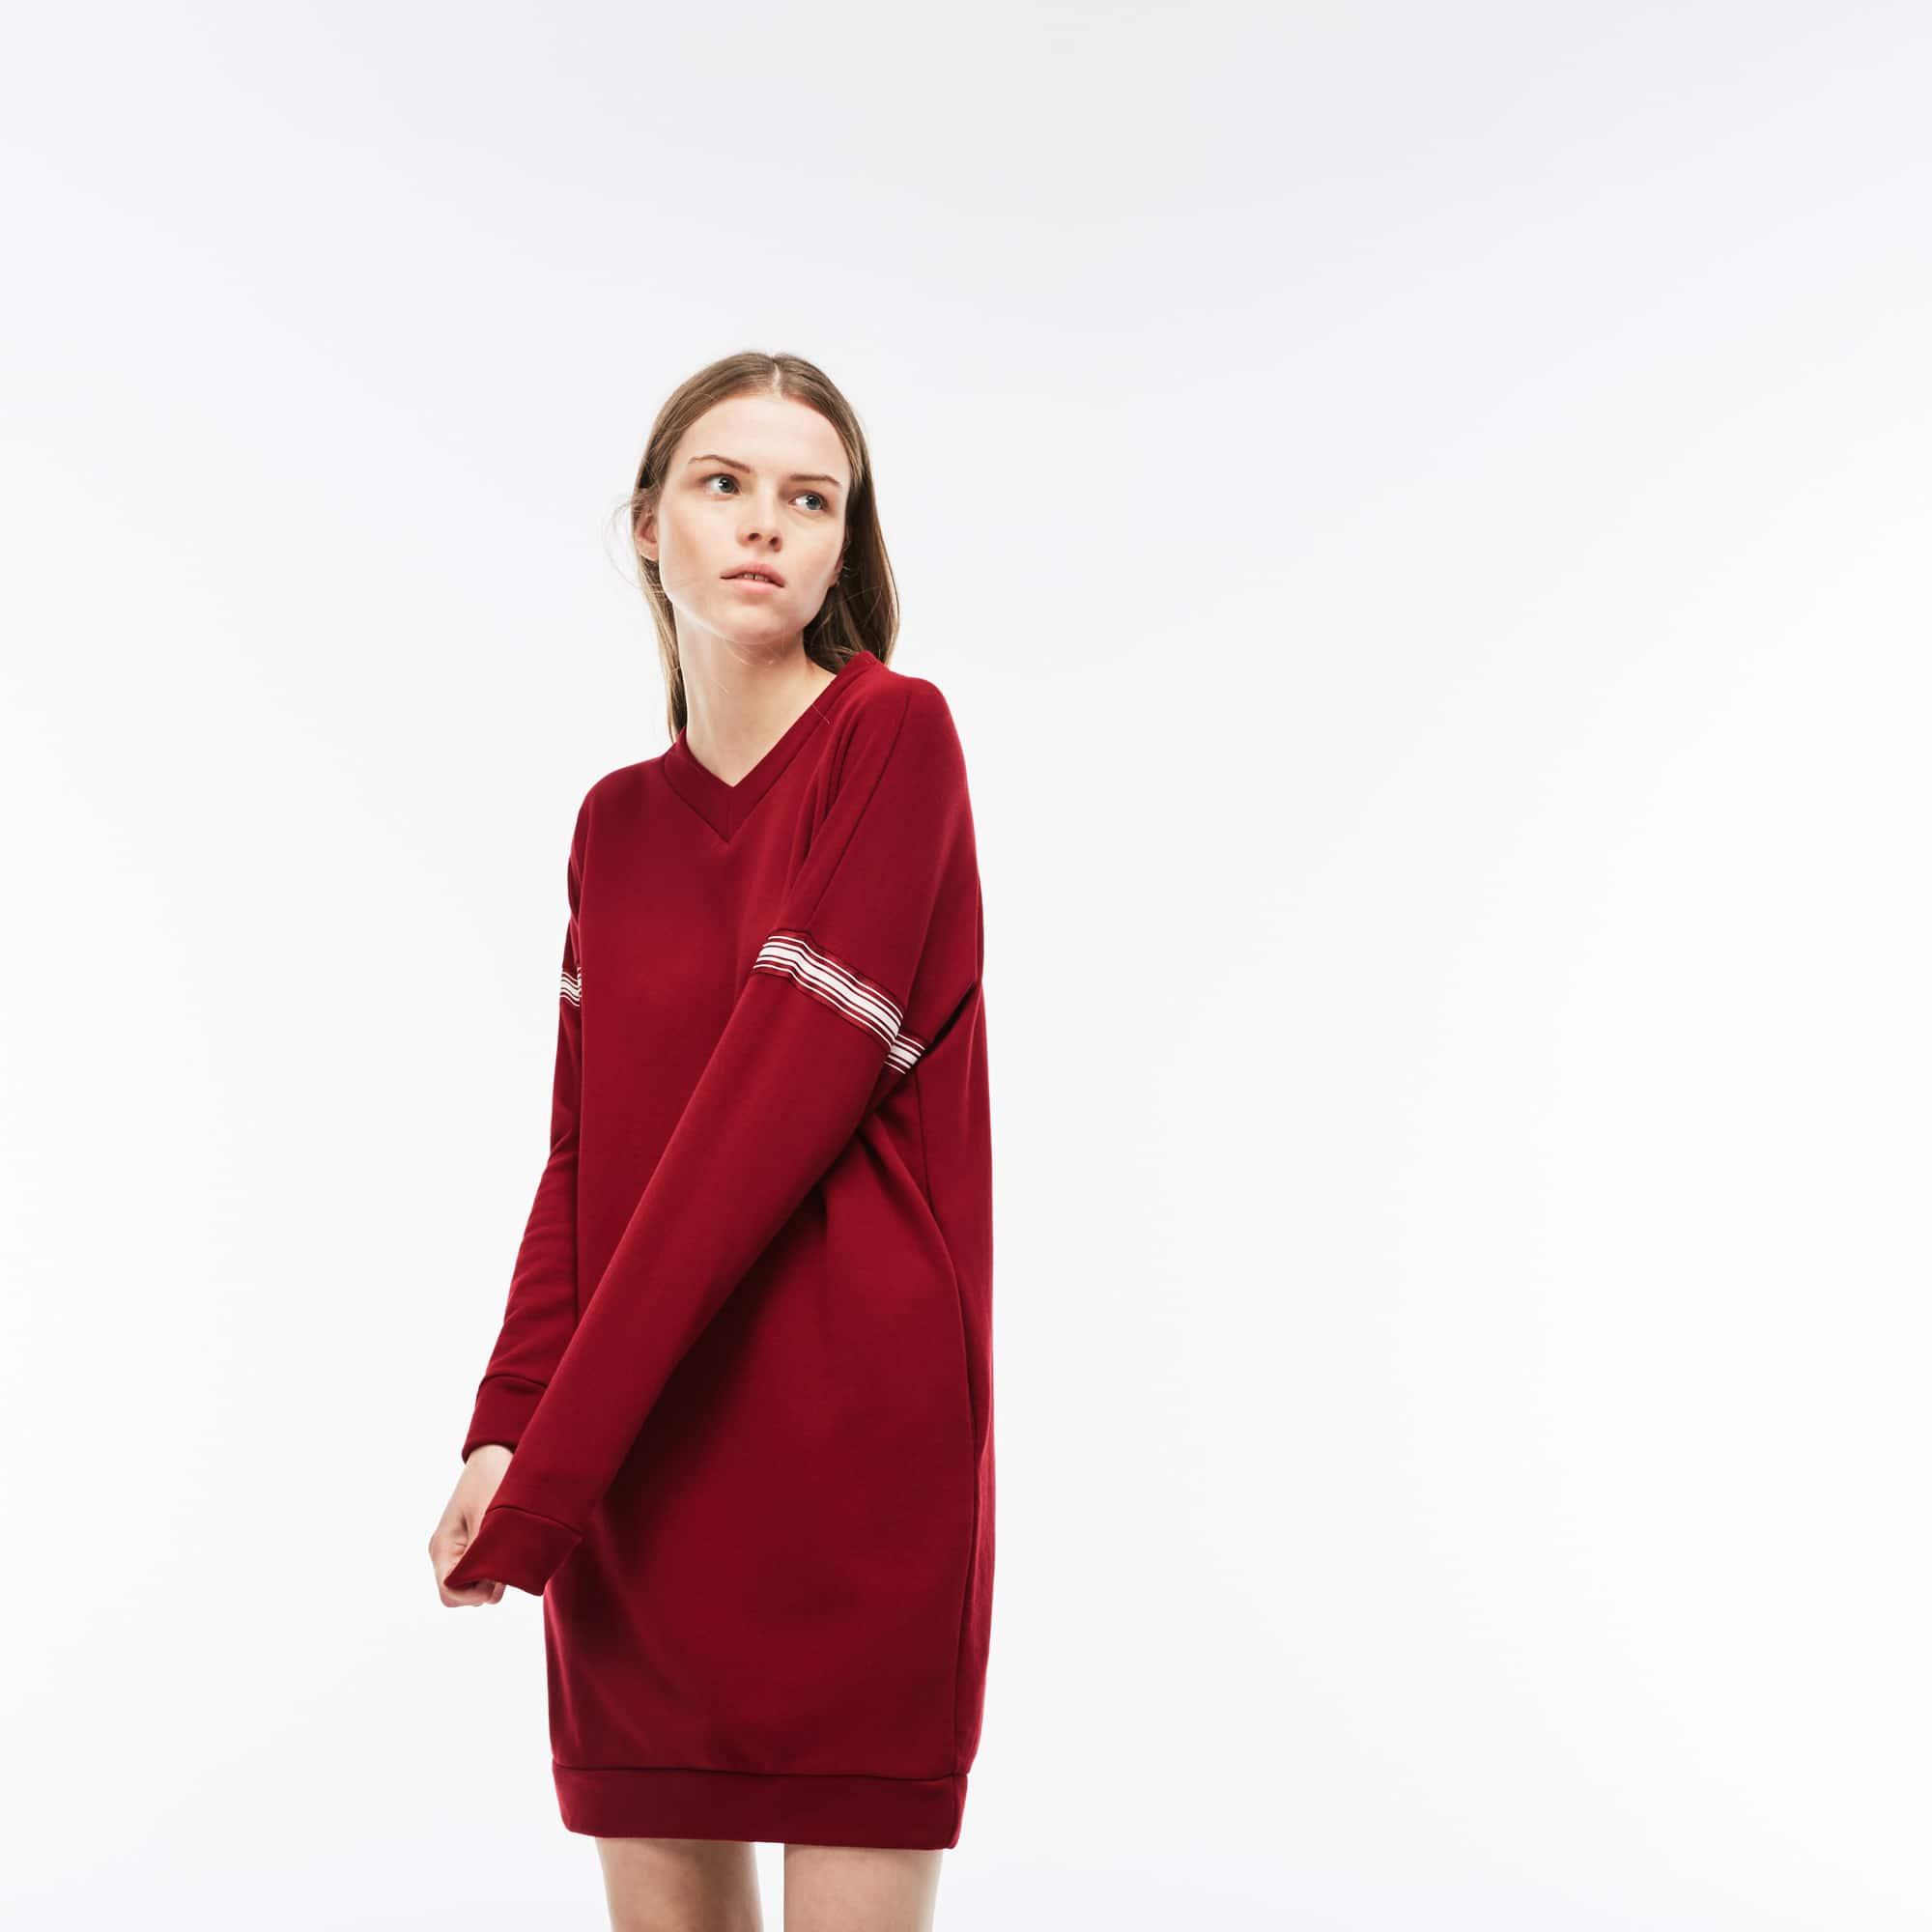 Women's Contrast Bands Crepe Fleece Sweatshirt Dress